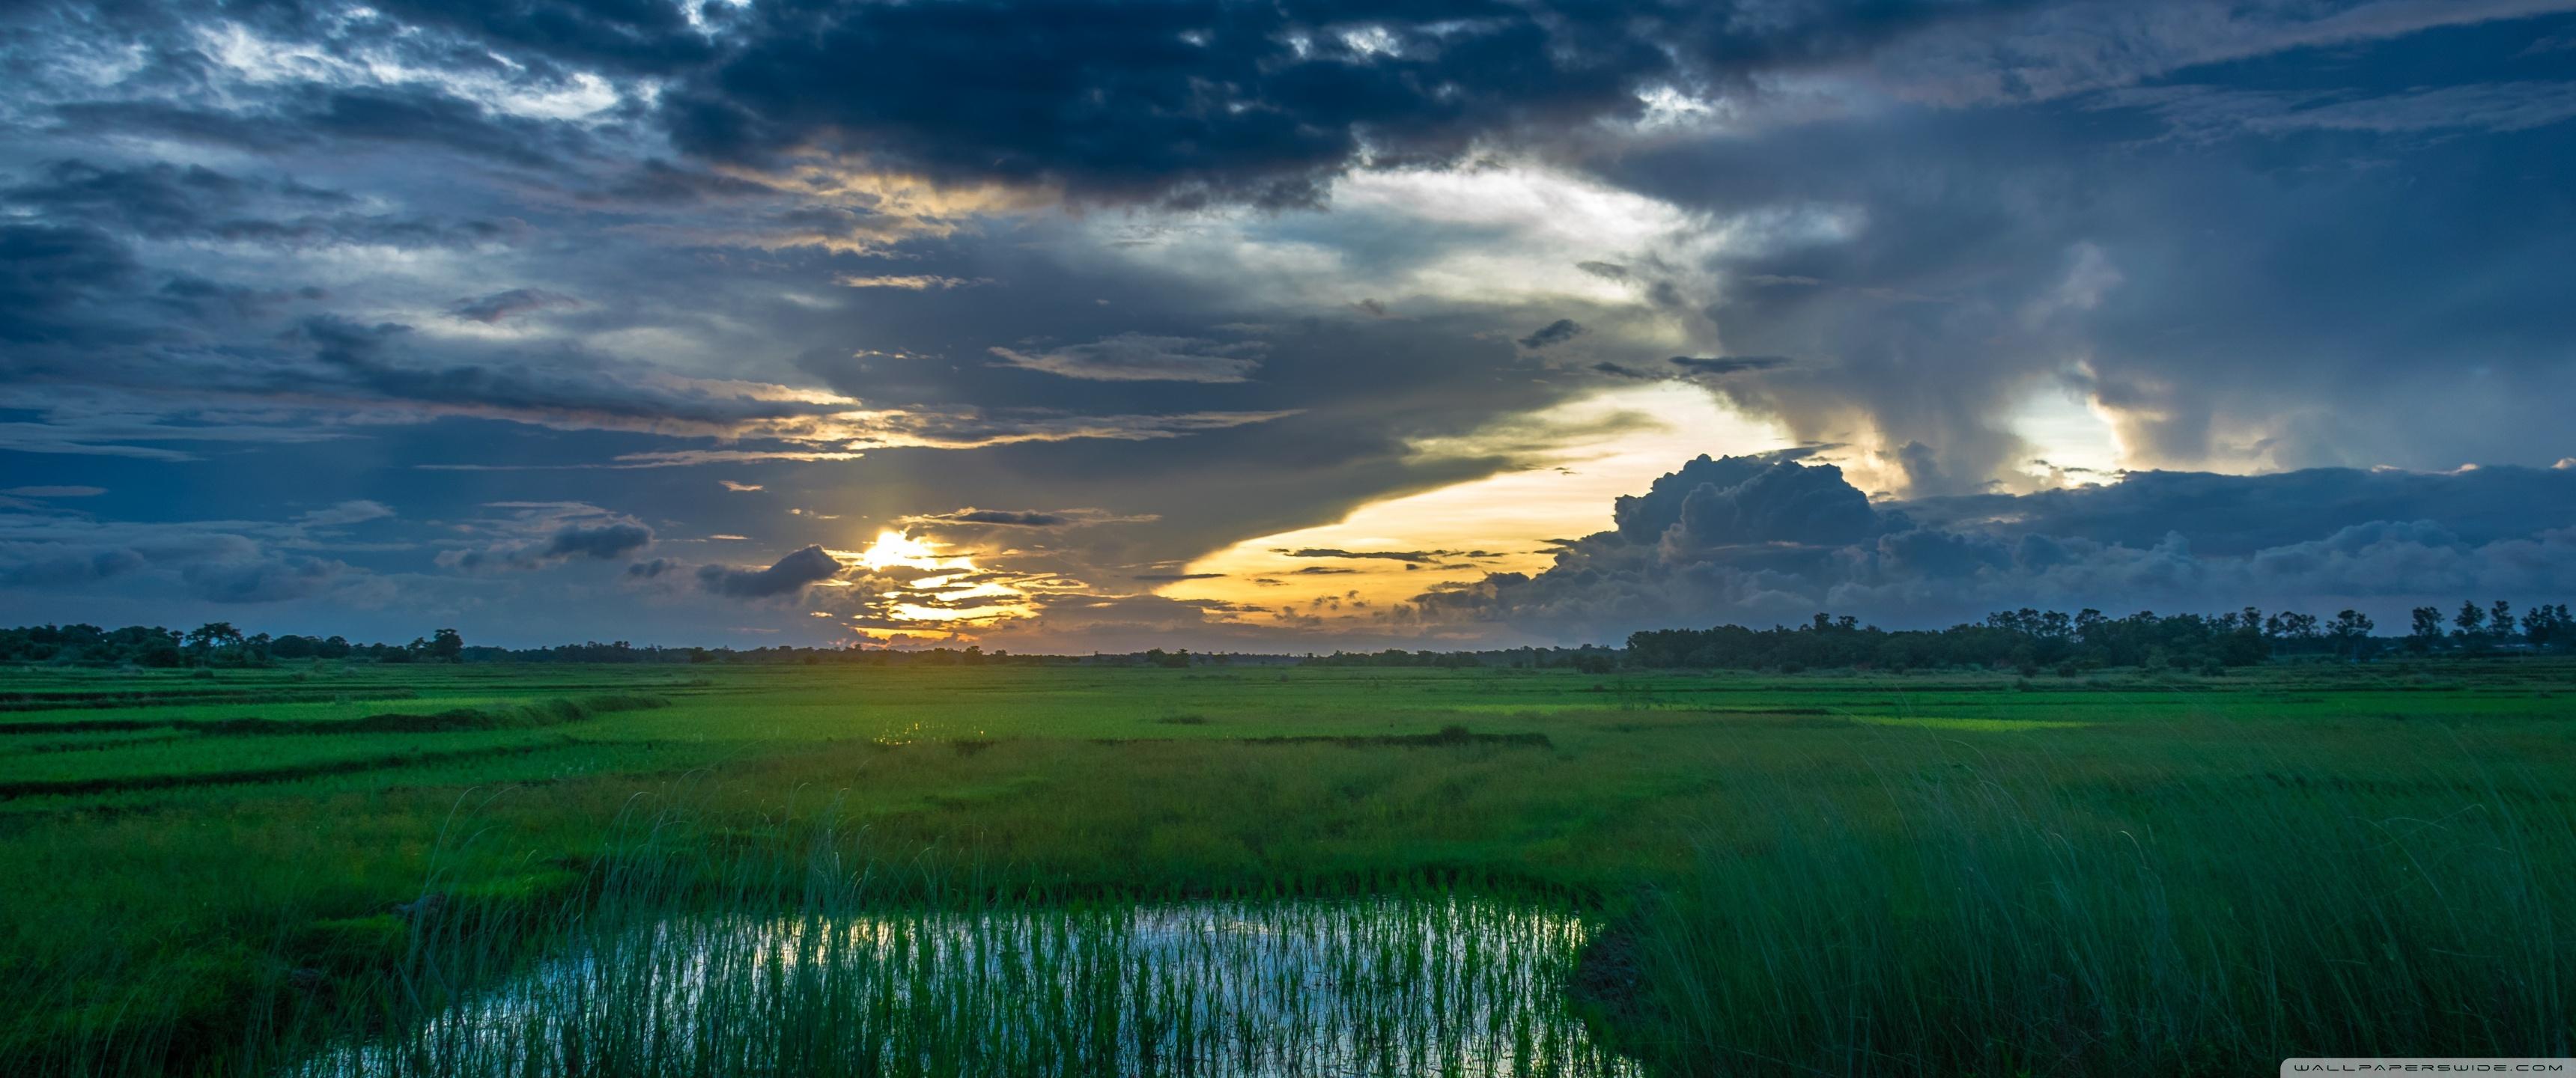 Pubg Wallpaper Landscape: Sunset Dark Clouds Landscape 4K HD Desktop Wallpaper For